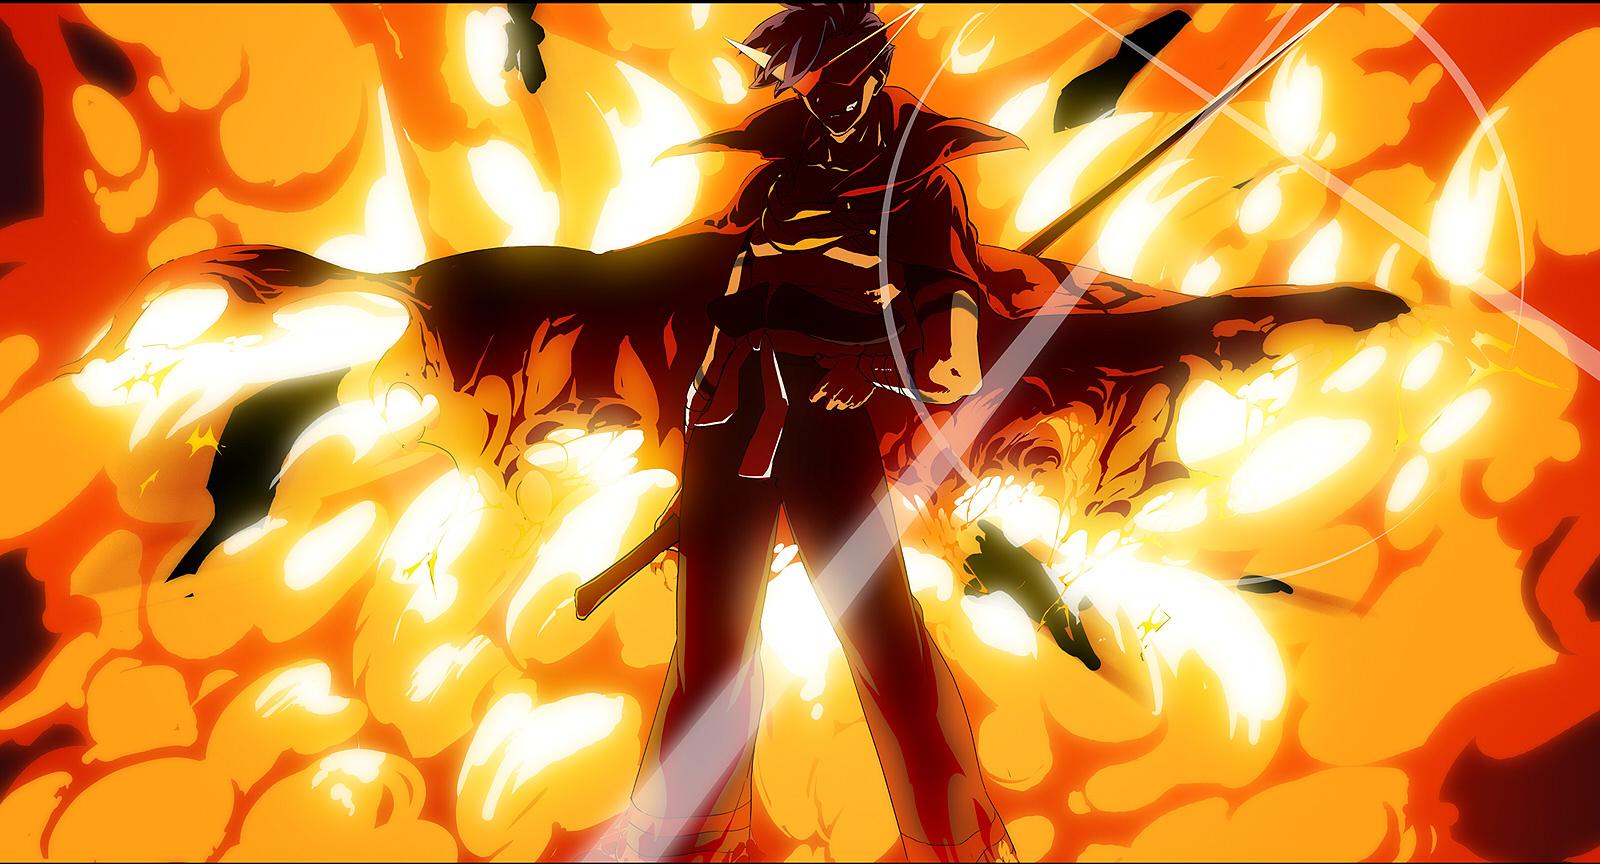 Tengen+Toppa+Gurren+Lagann+Wallpaper+Simon+and+Kamina+www.animeversus.blogspot.com+%25288%2529.jpg